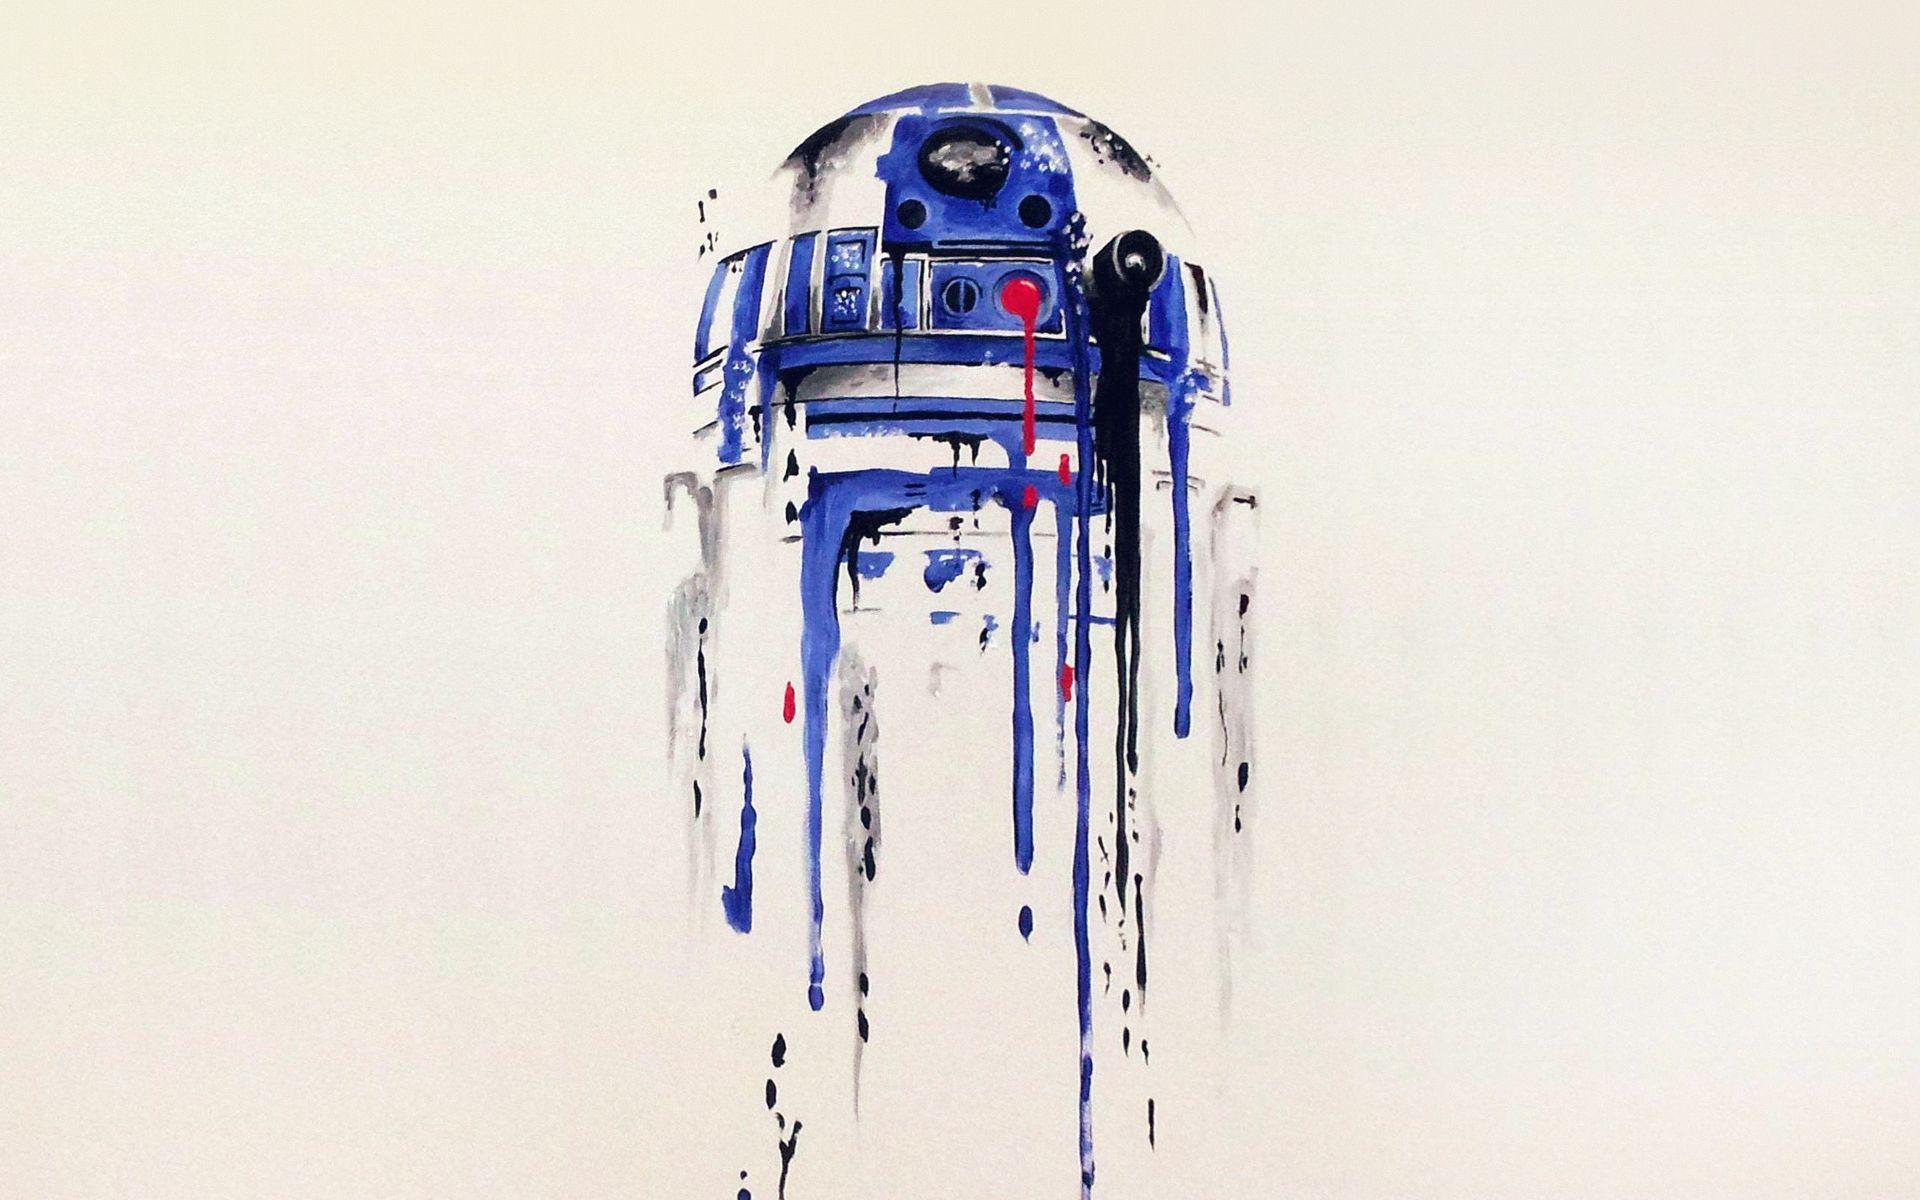 Star Wars Minimalist Pic